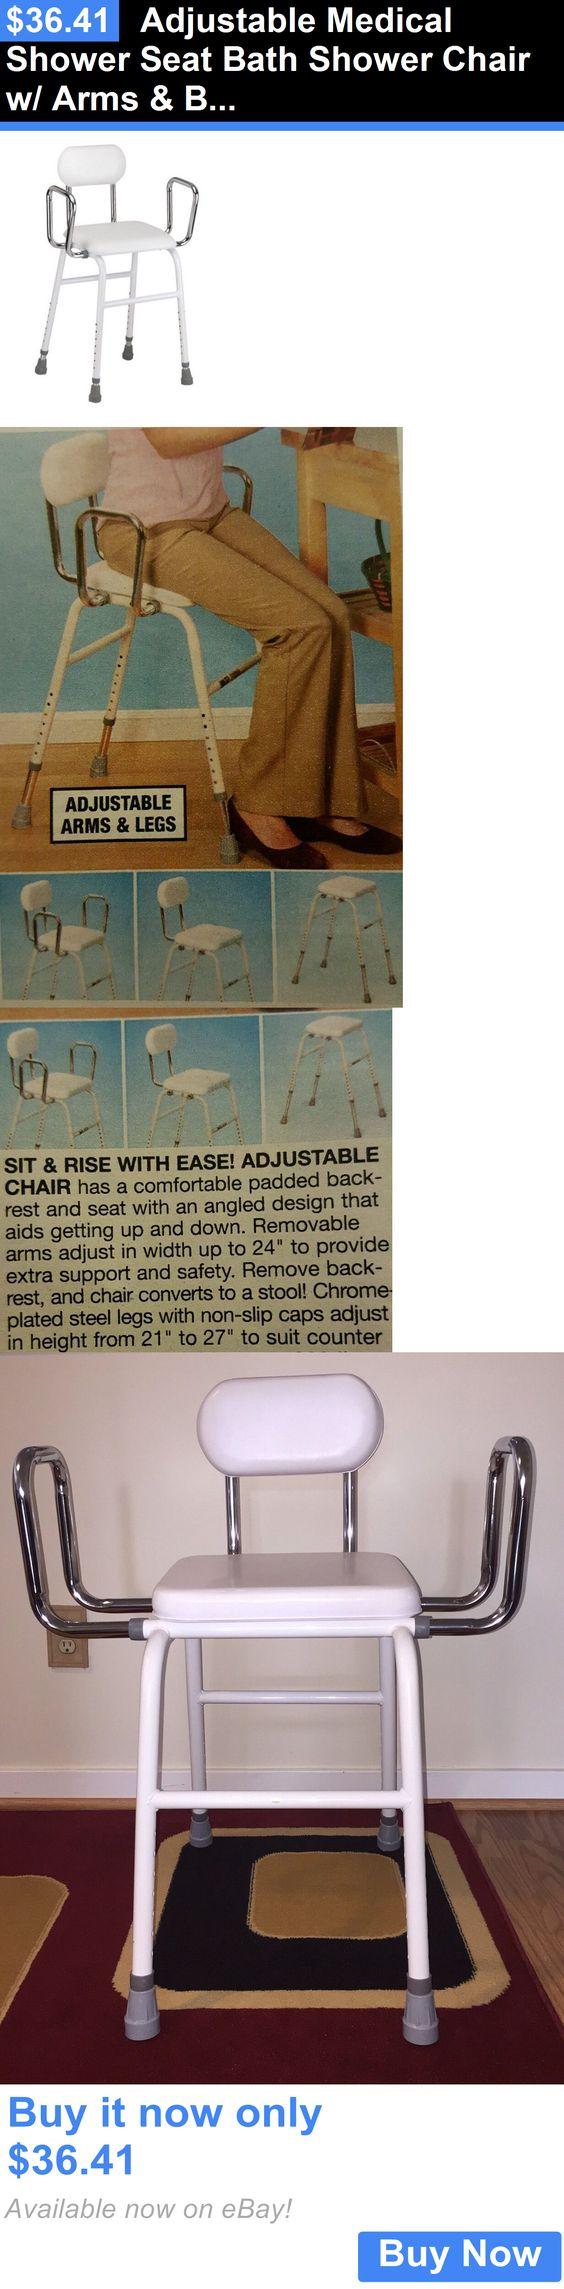 Shower and Bath Seats: Adjustable Medical Shower Seat Bath Shower ...